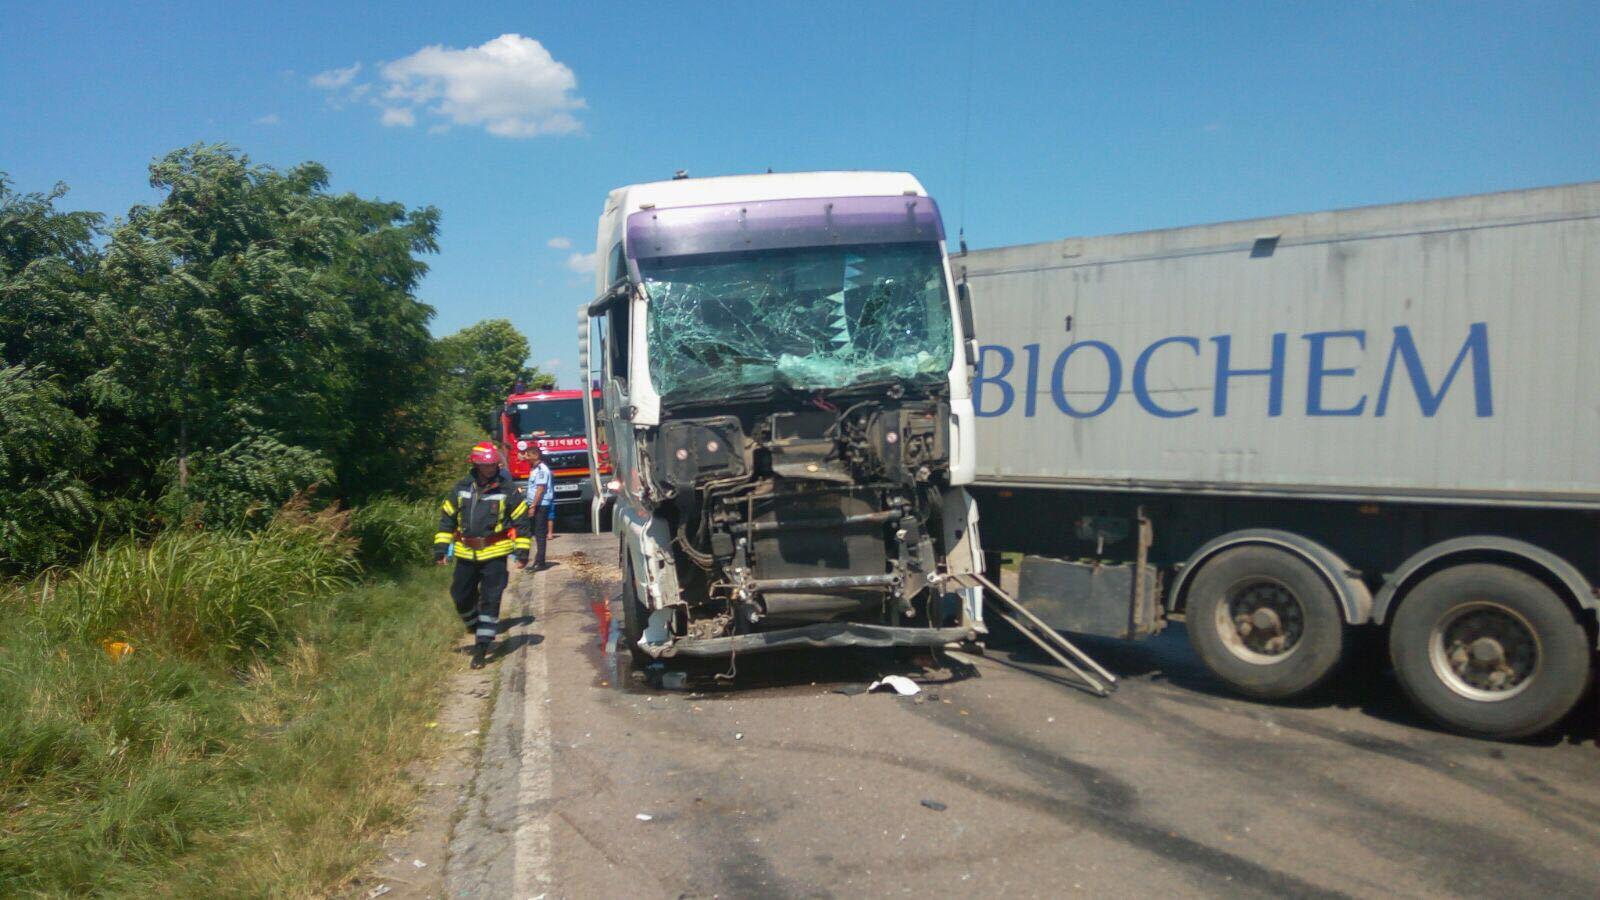 S-a stabilit CAUZA accidentului din Teleorman: Defecţiuni tehnice ale TIR-ului implicat/ Nouă răniţi au fost transportaţi în Capitală